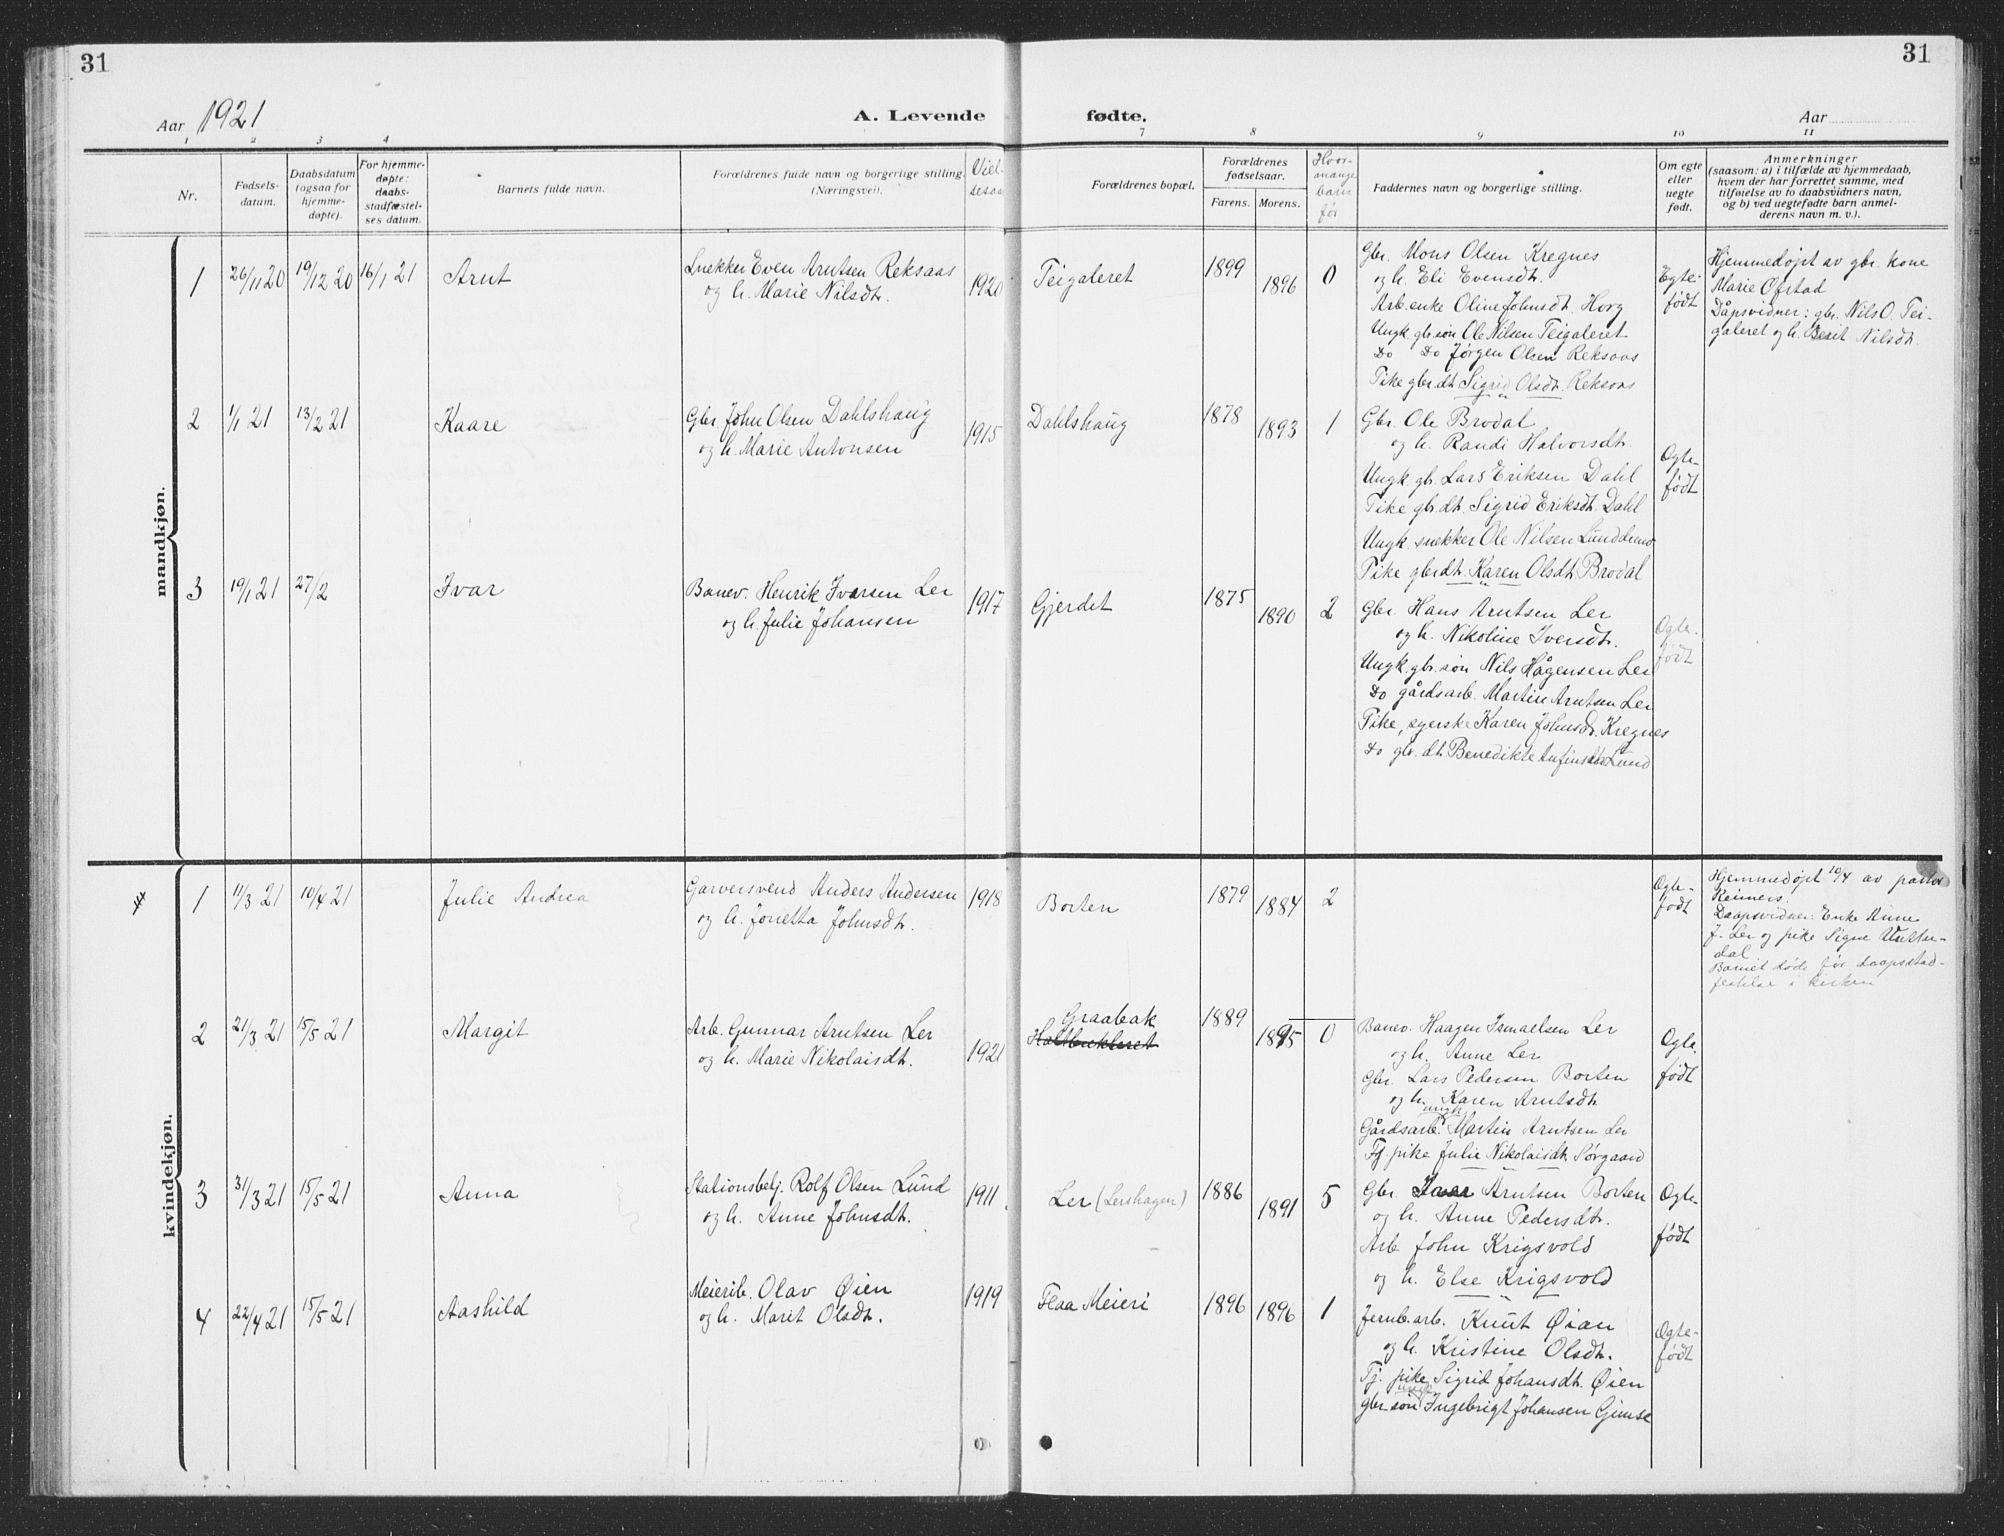 SAT, Ministerialprotokoller, klokkerbøker og fødselsregistre - Sør-Trøndelag, 693/L1124: Klokkerbok nr. 693C05, 1911-1941, s. 31